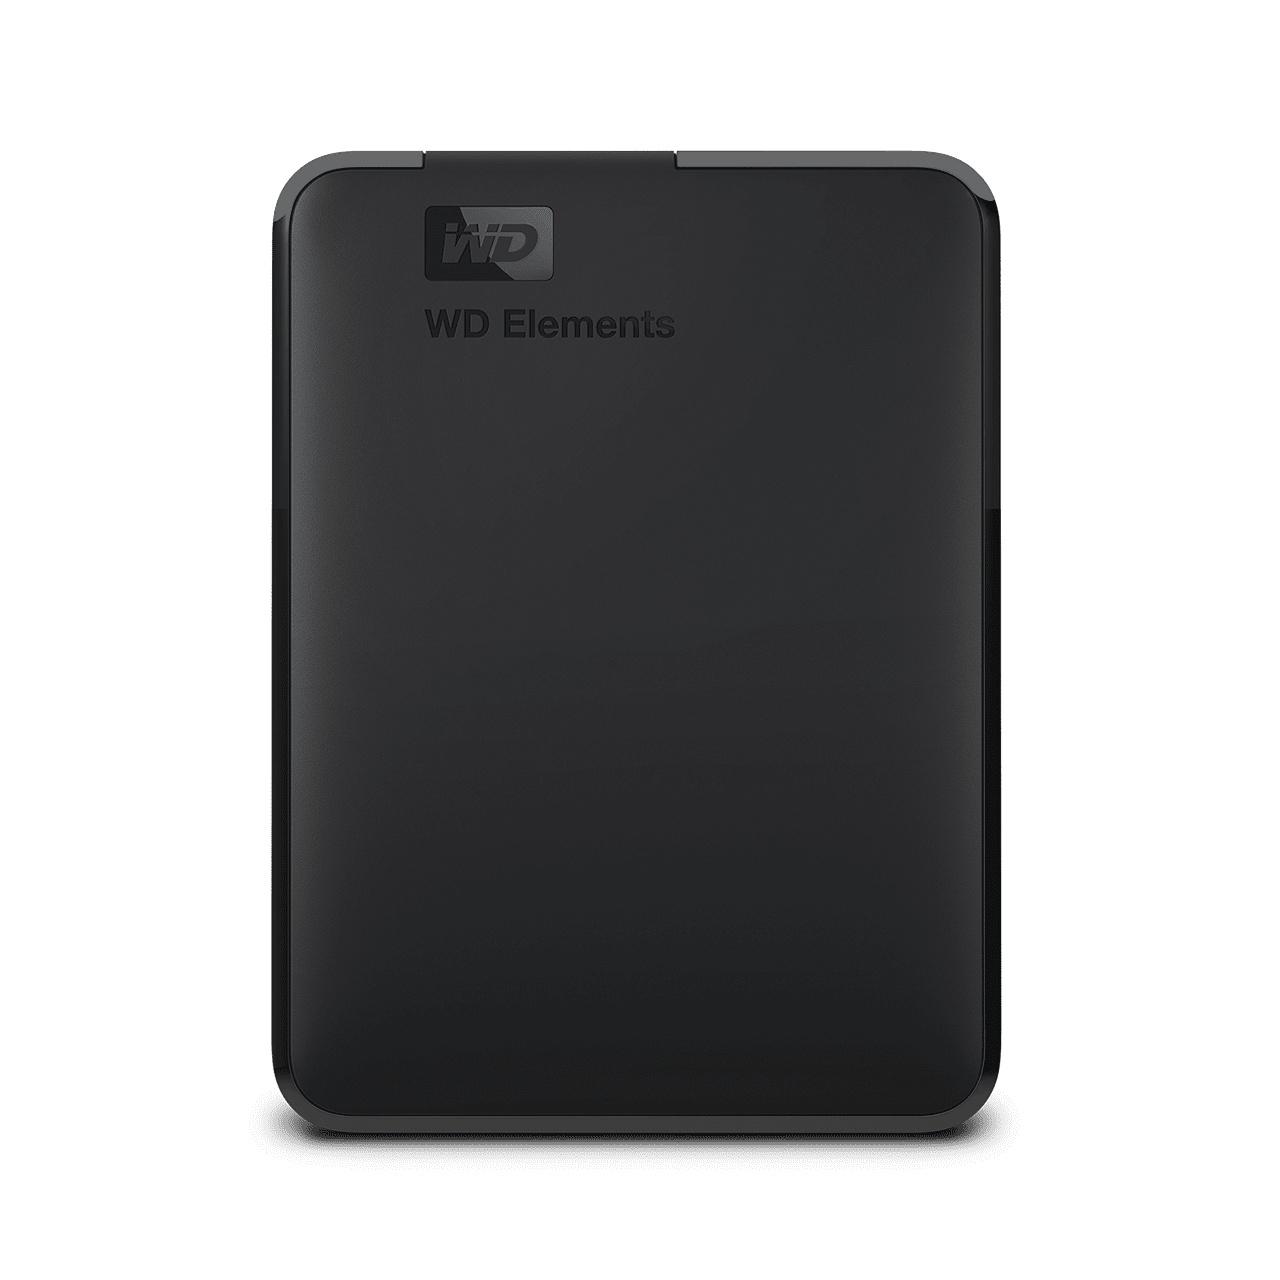 WD 엘리먼트 포터블 모바일 드라이브 USB 3.0 외장하드 2.5인치, Black, 5TB